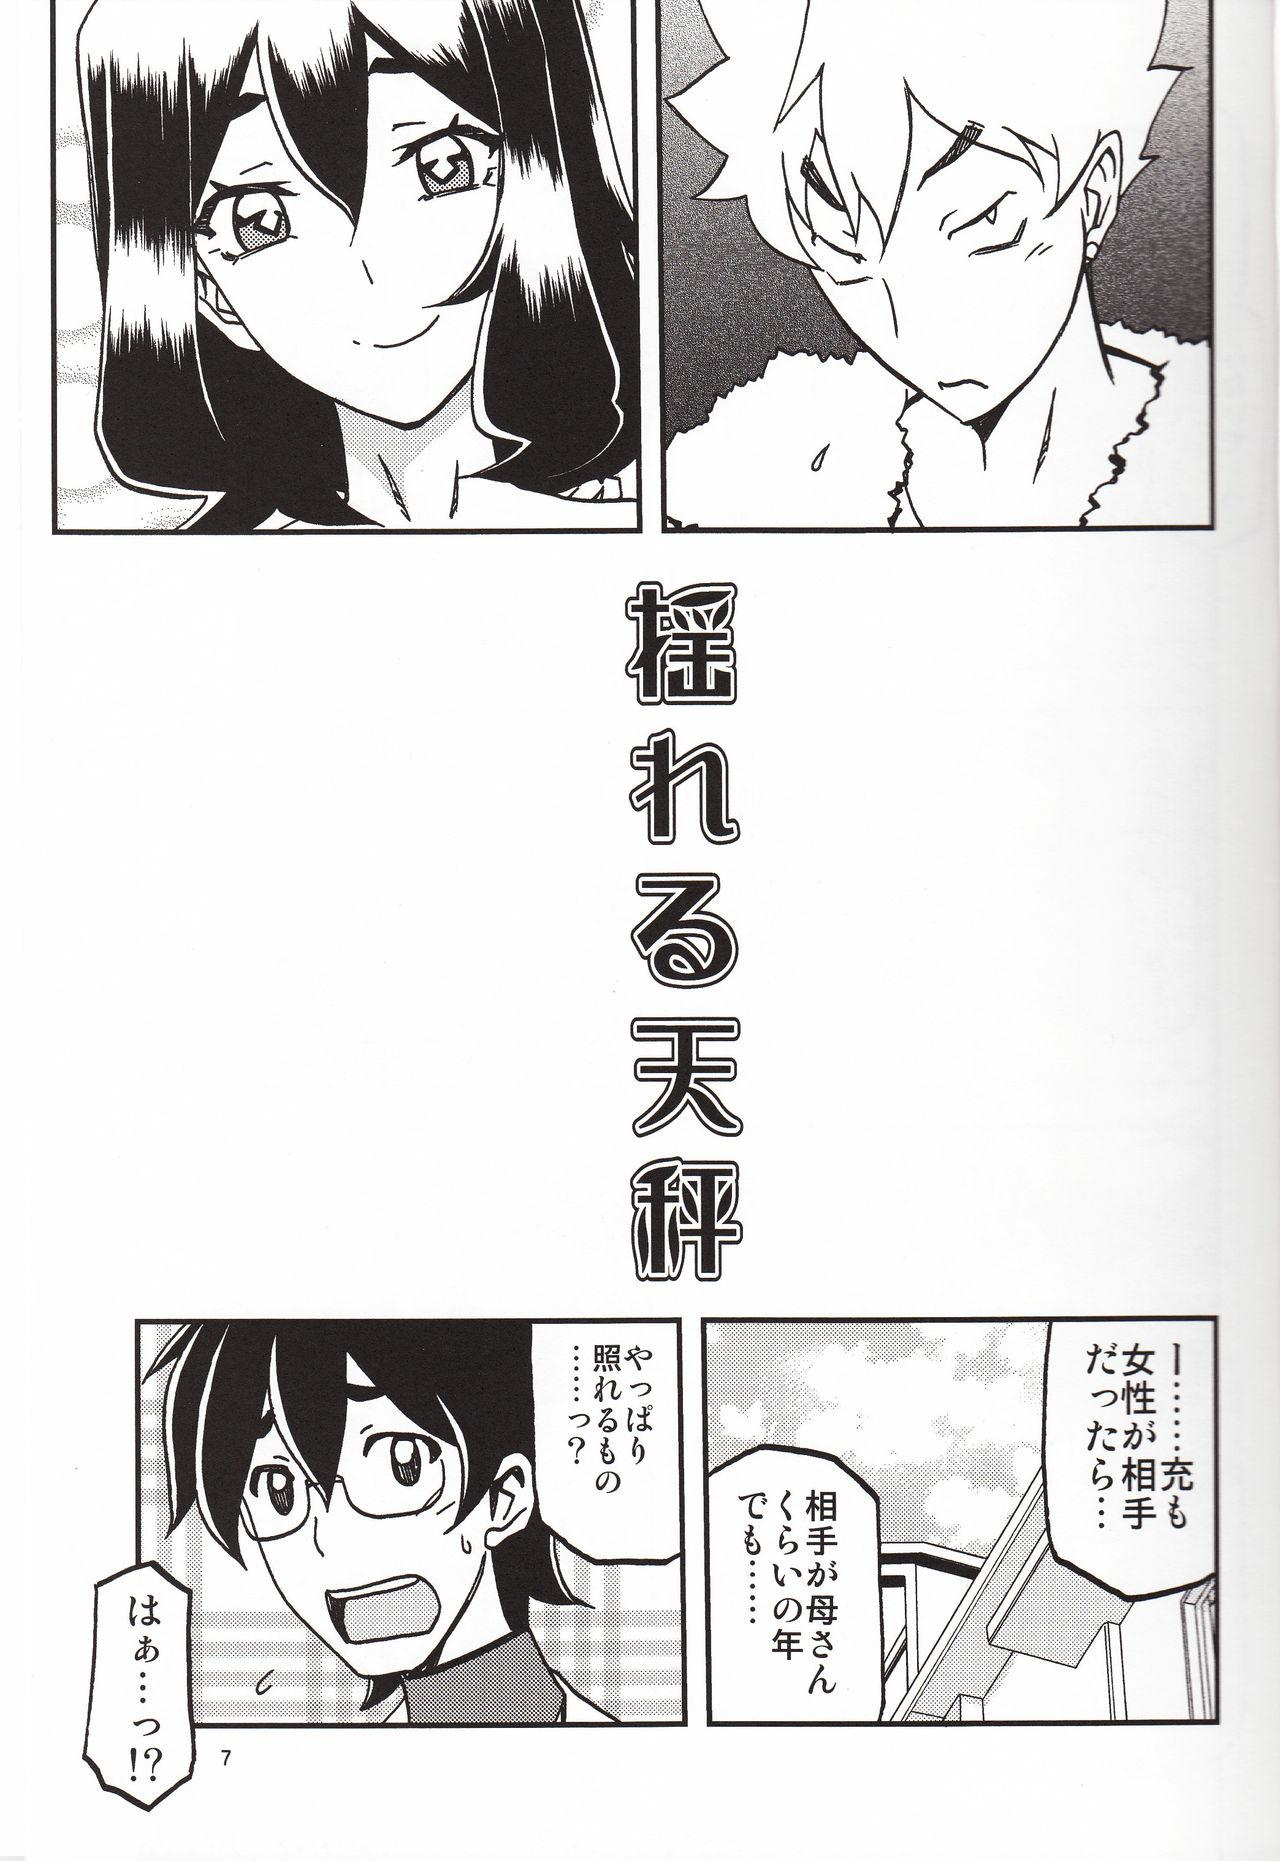 Akebi no Mi - Chizuru katei 5